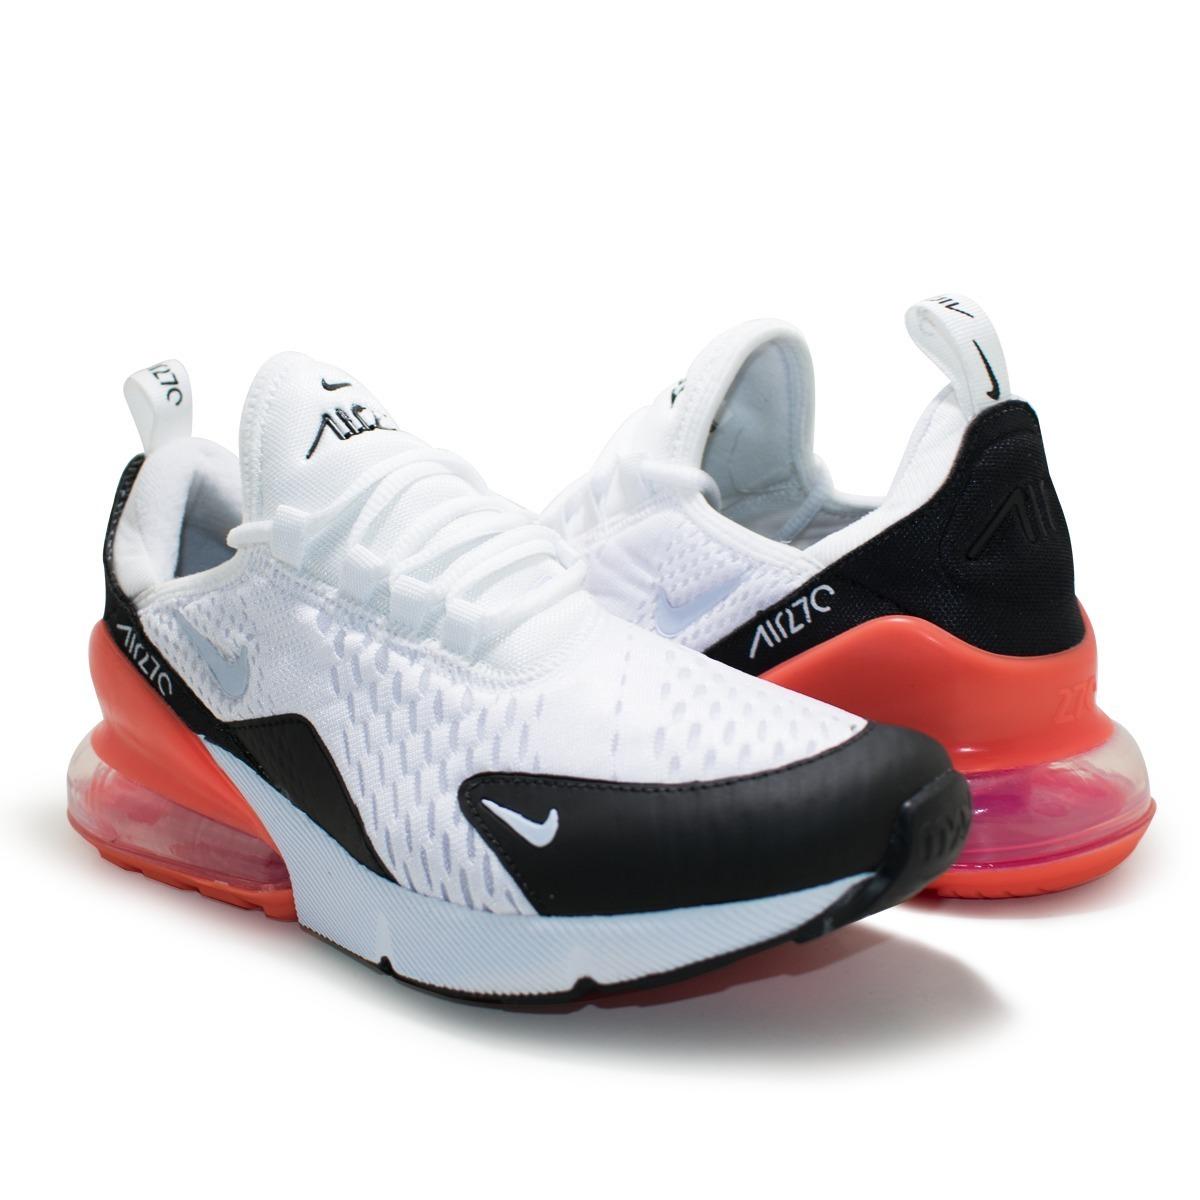 0262915129 ... 65ff087c26c air max 270 importado (chines) original lançamento premium. Carregando  zoom. 1282c13ba8e Tenis Nike ...